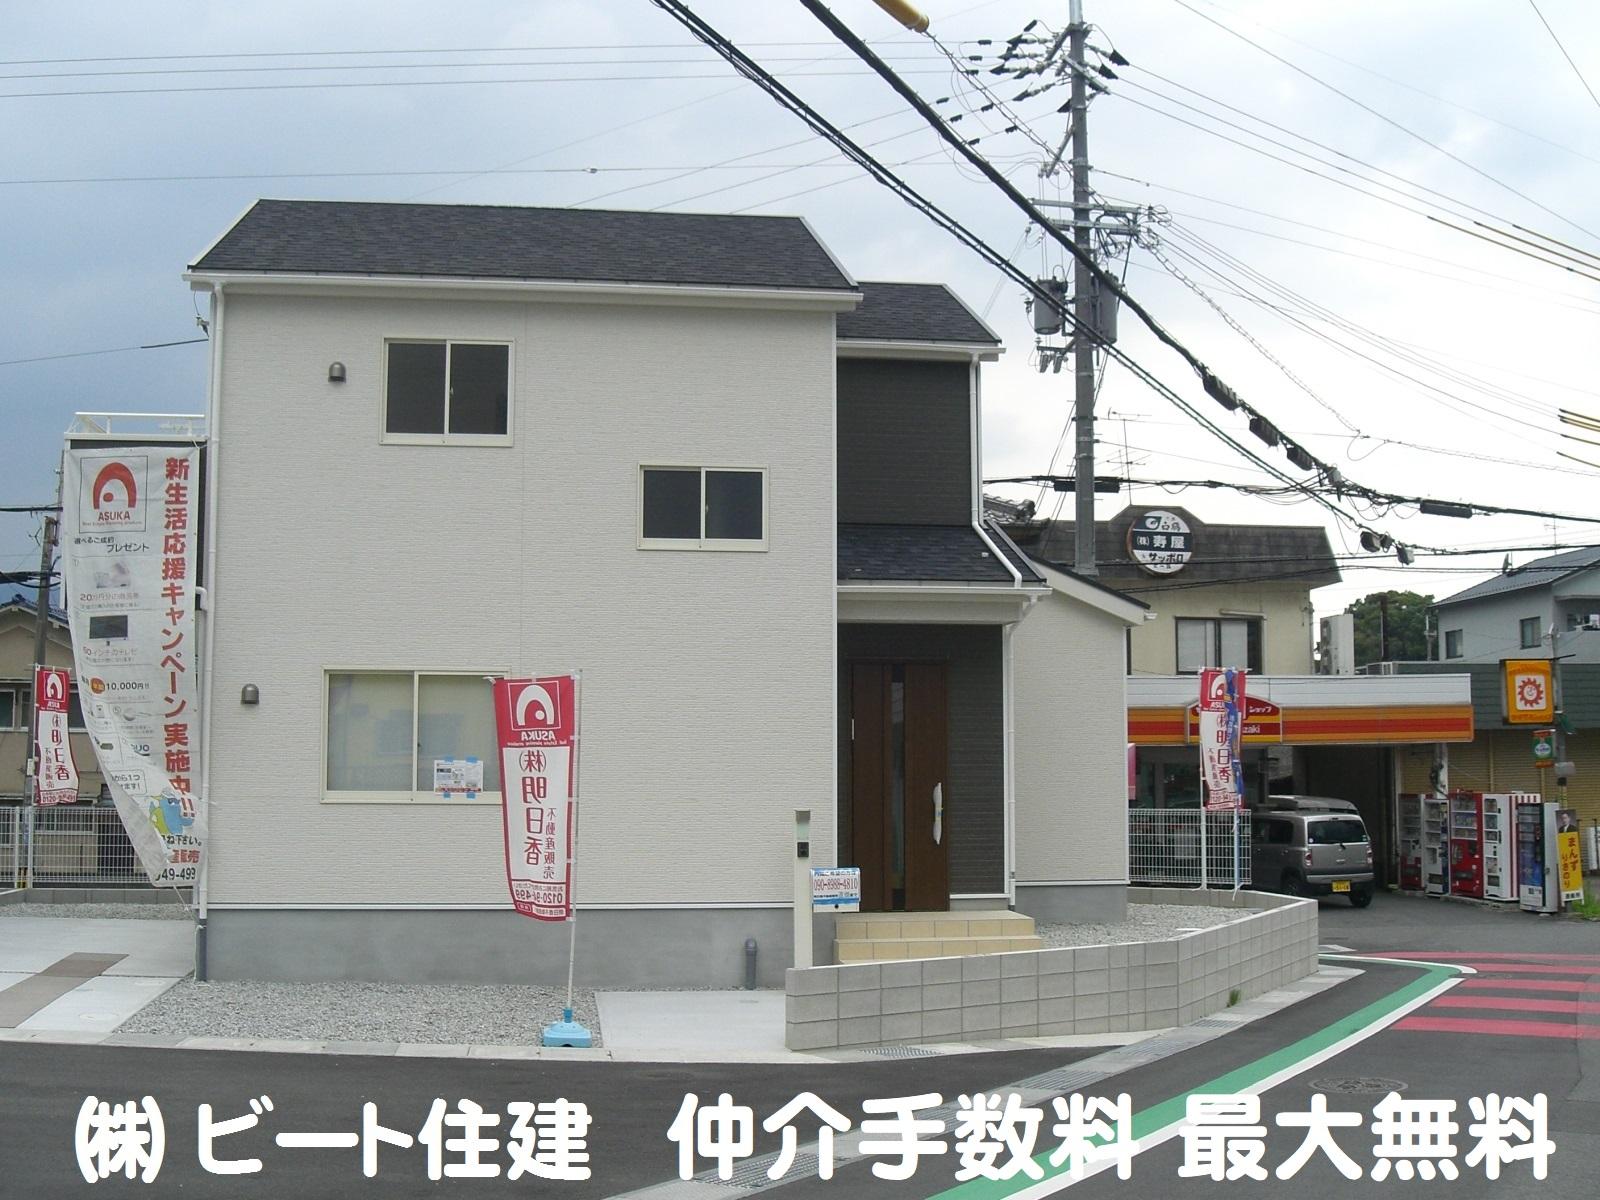 奈良県 大和高田市 新築 お買い得 ビート住建 お買い得 値引き 仲介手数料 最大無料